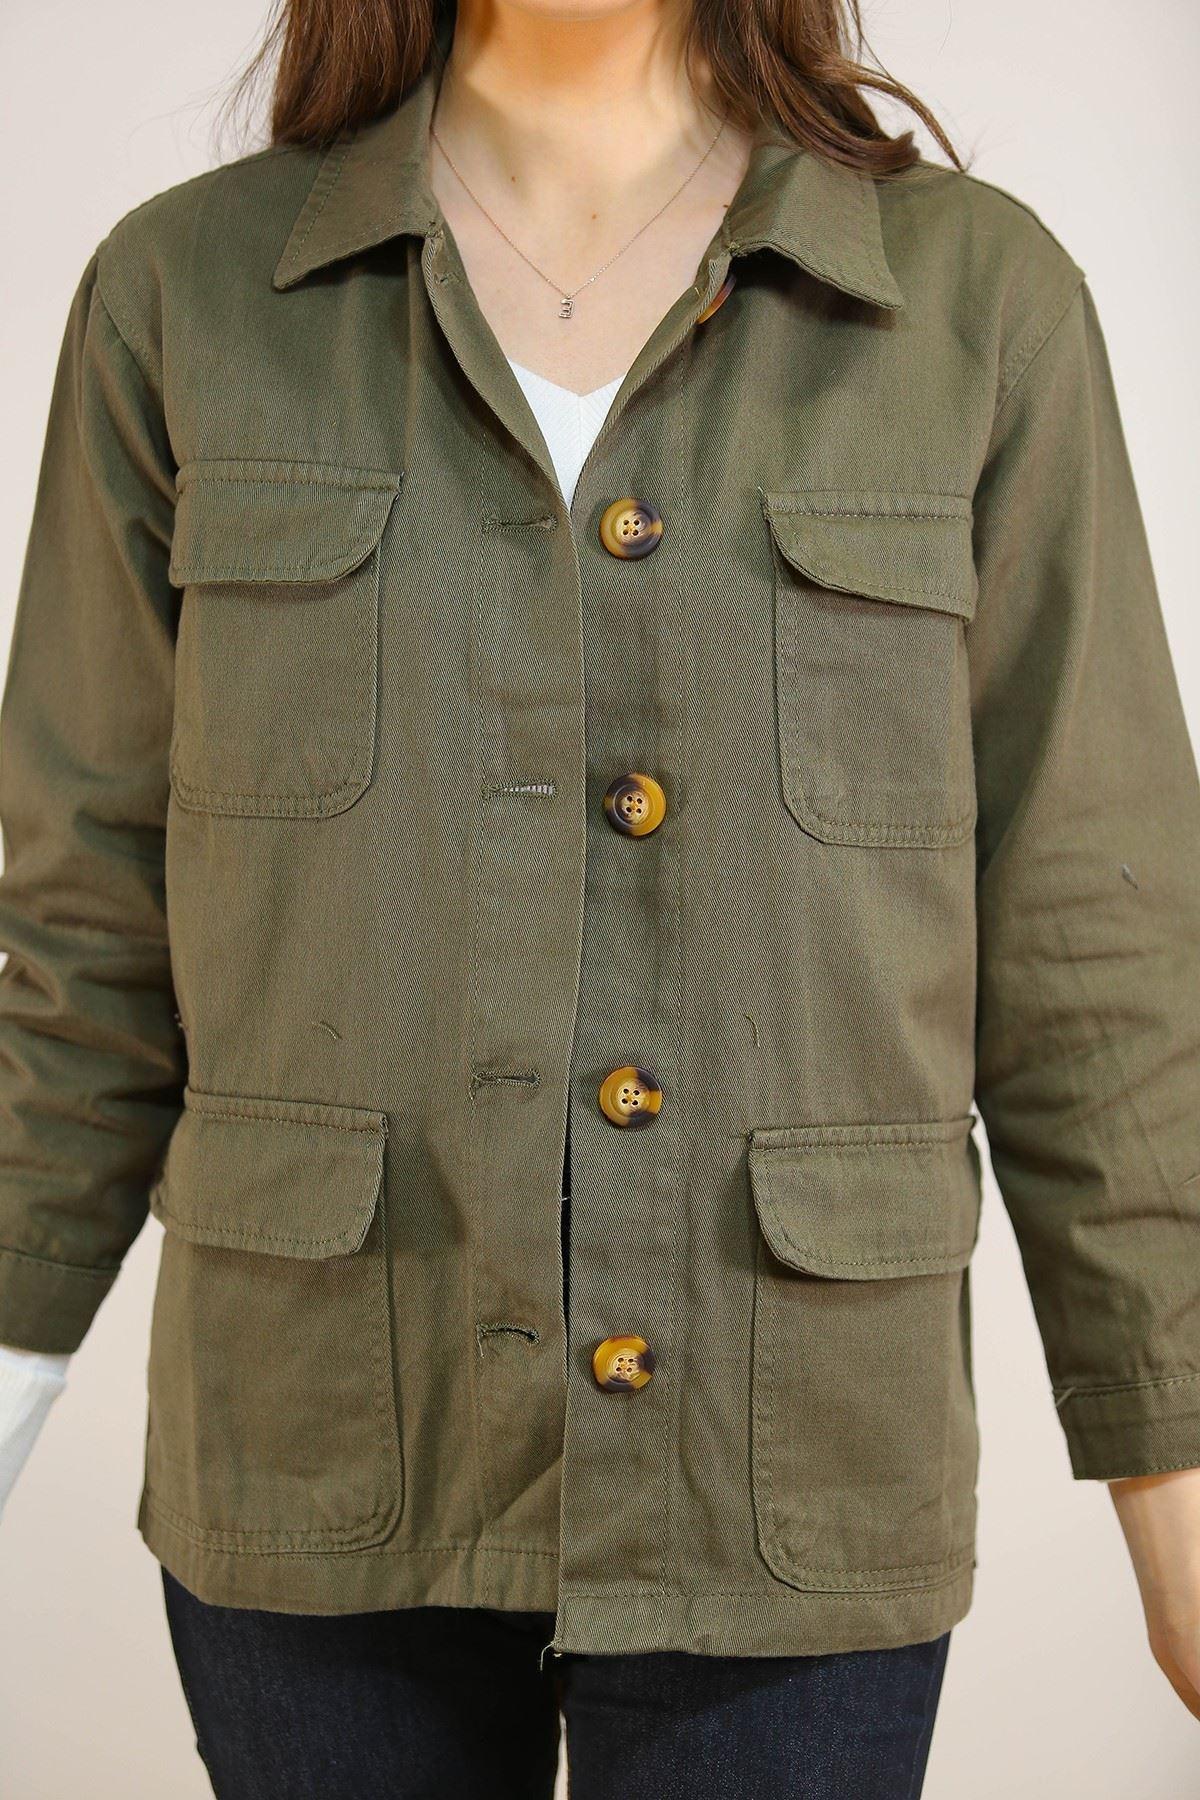 Gabardin Ceket Yeşil - 5233.299.